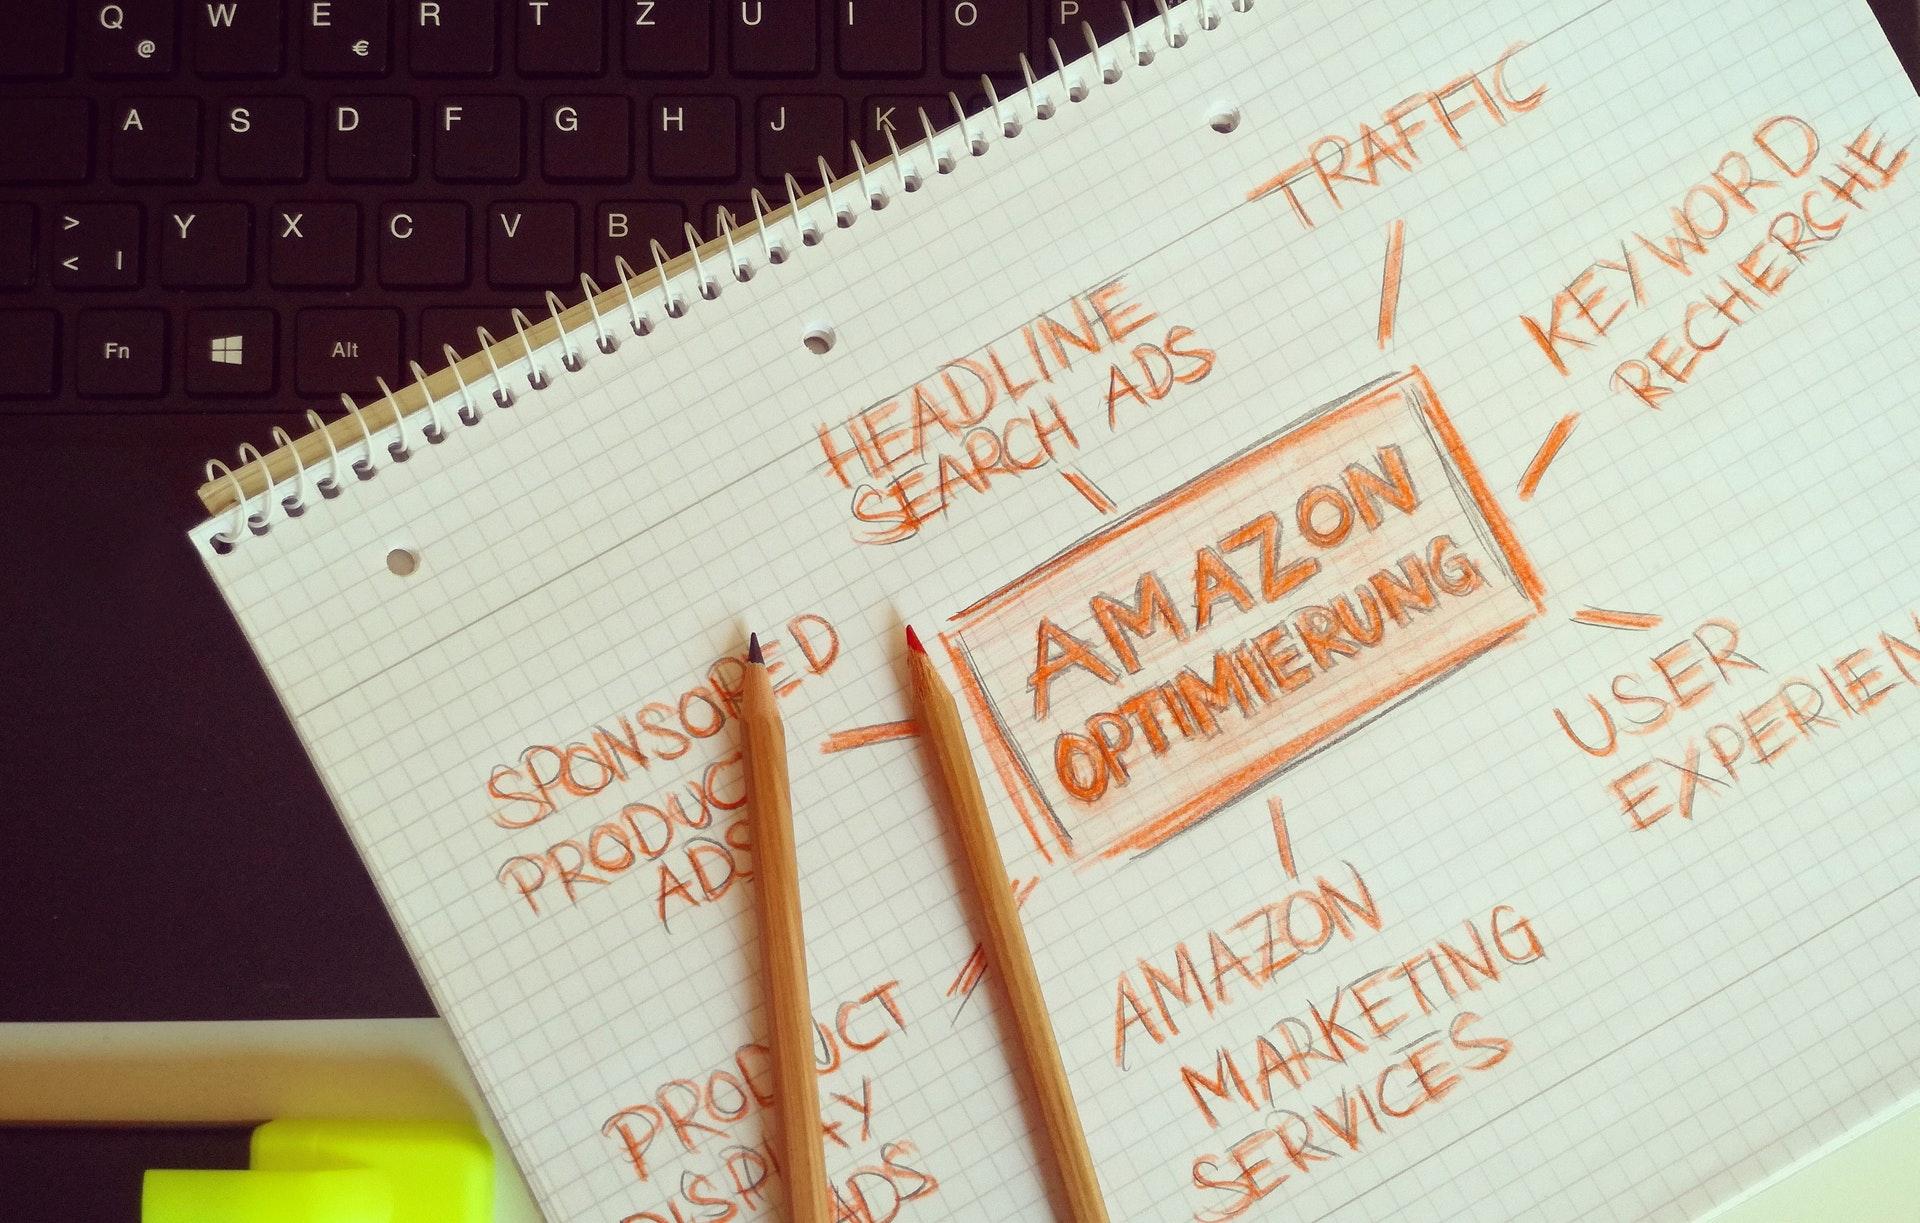 Amazon product listing - AmazinEcommerce.com